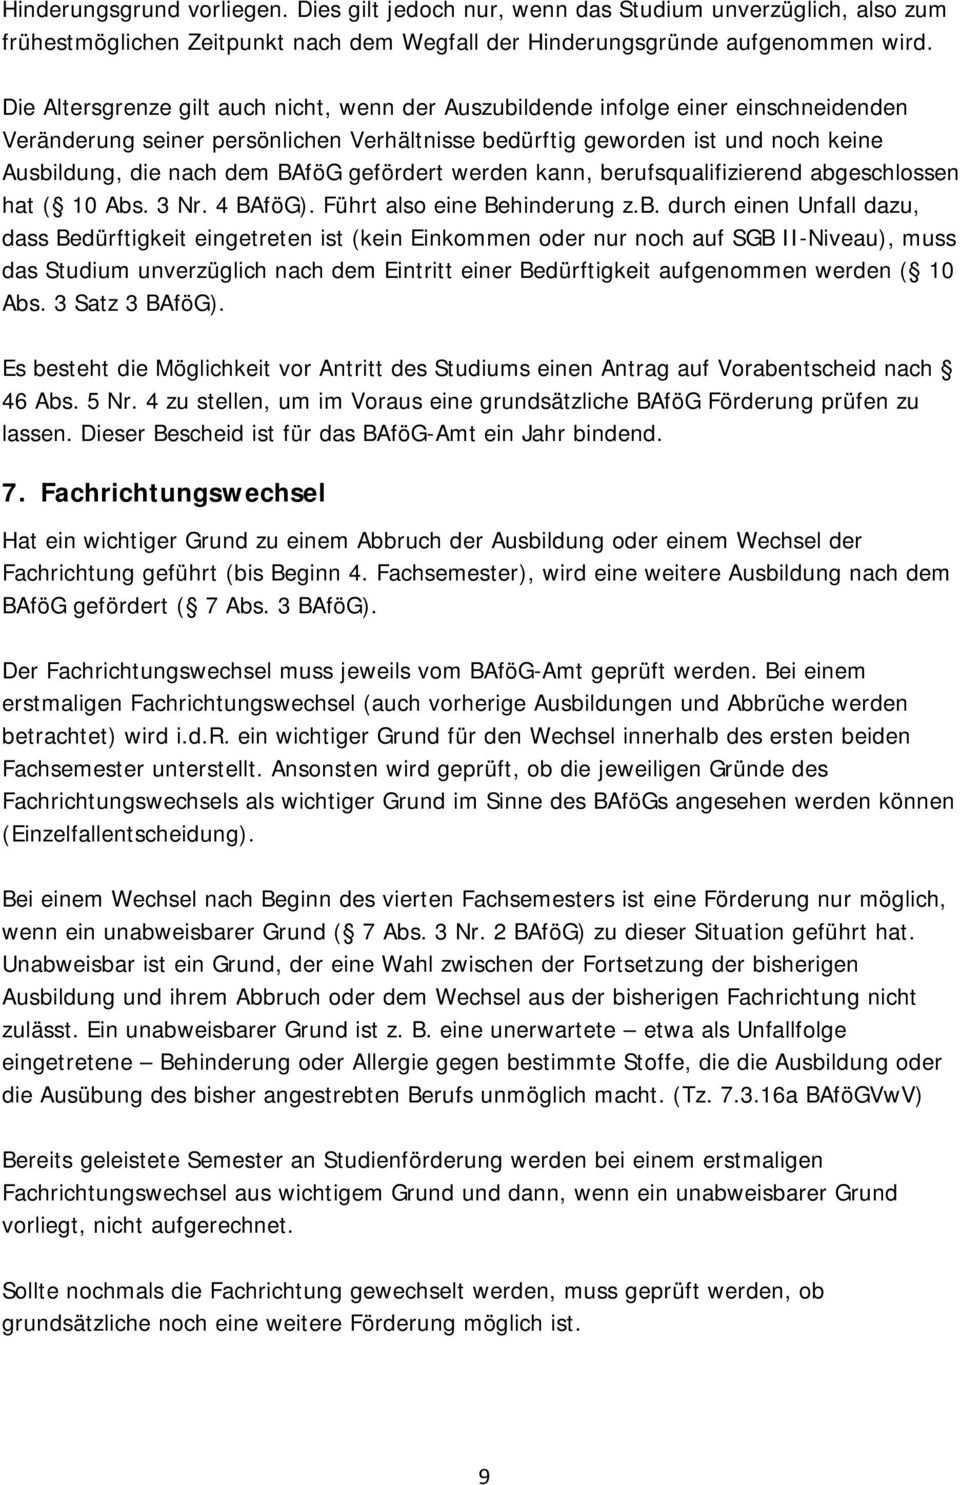 Information Zum Bundesausbildungsforderungsgesetz Bafog Fur Studierende Mit Behinderung Oder Chronischer Erkrankung Pdf Kostenfreier Download